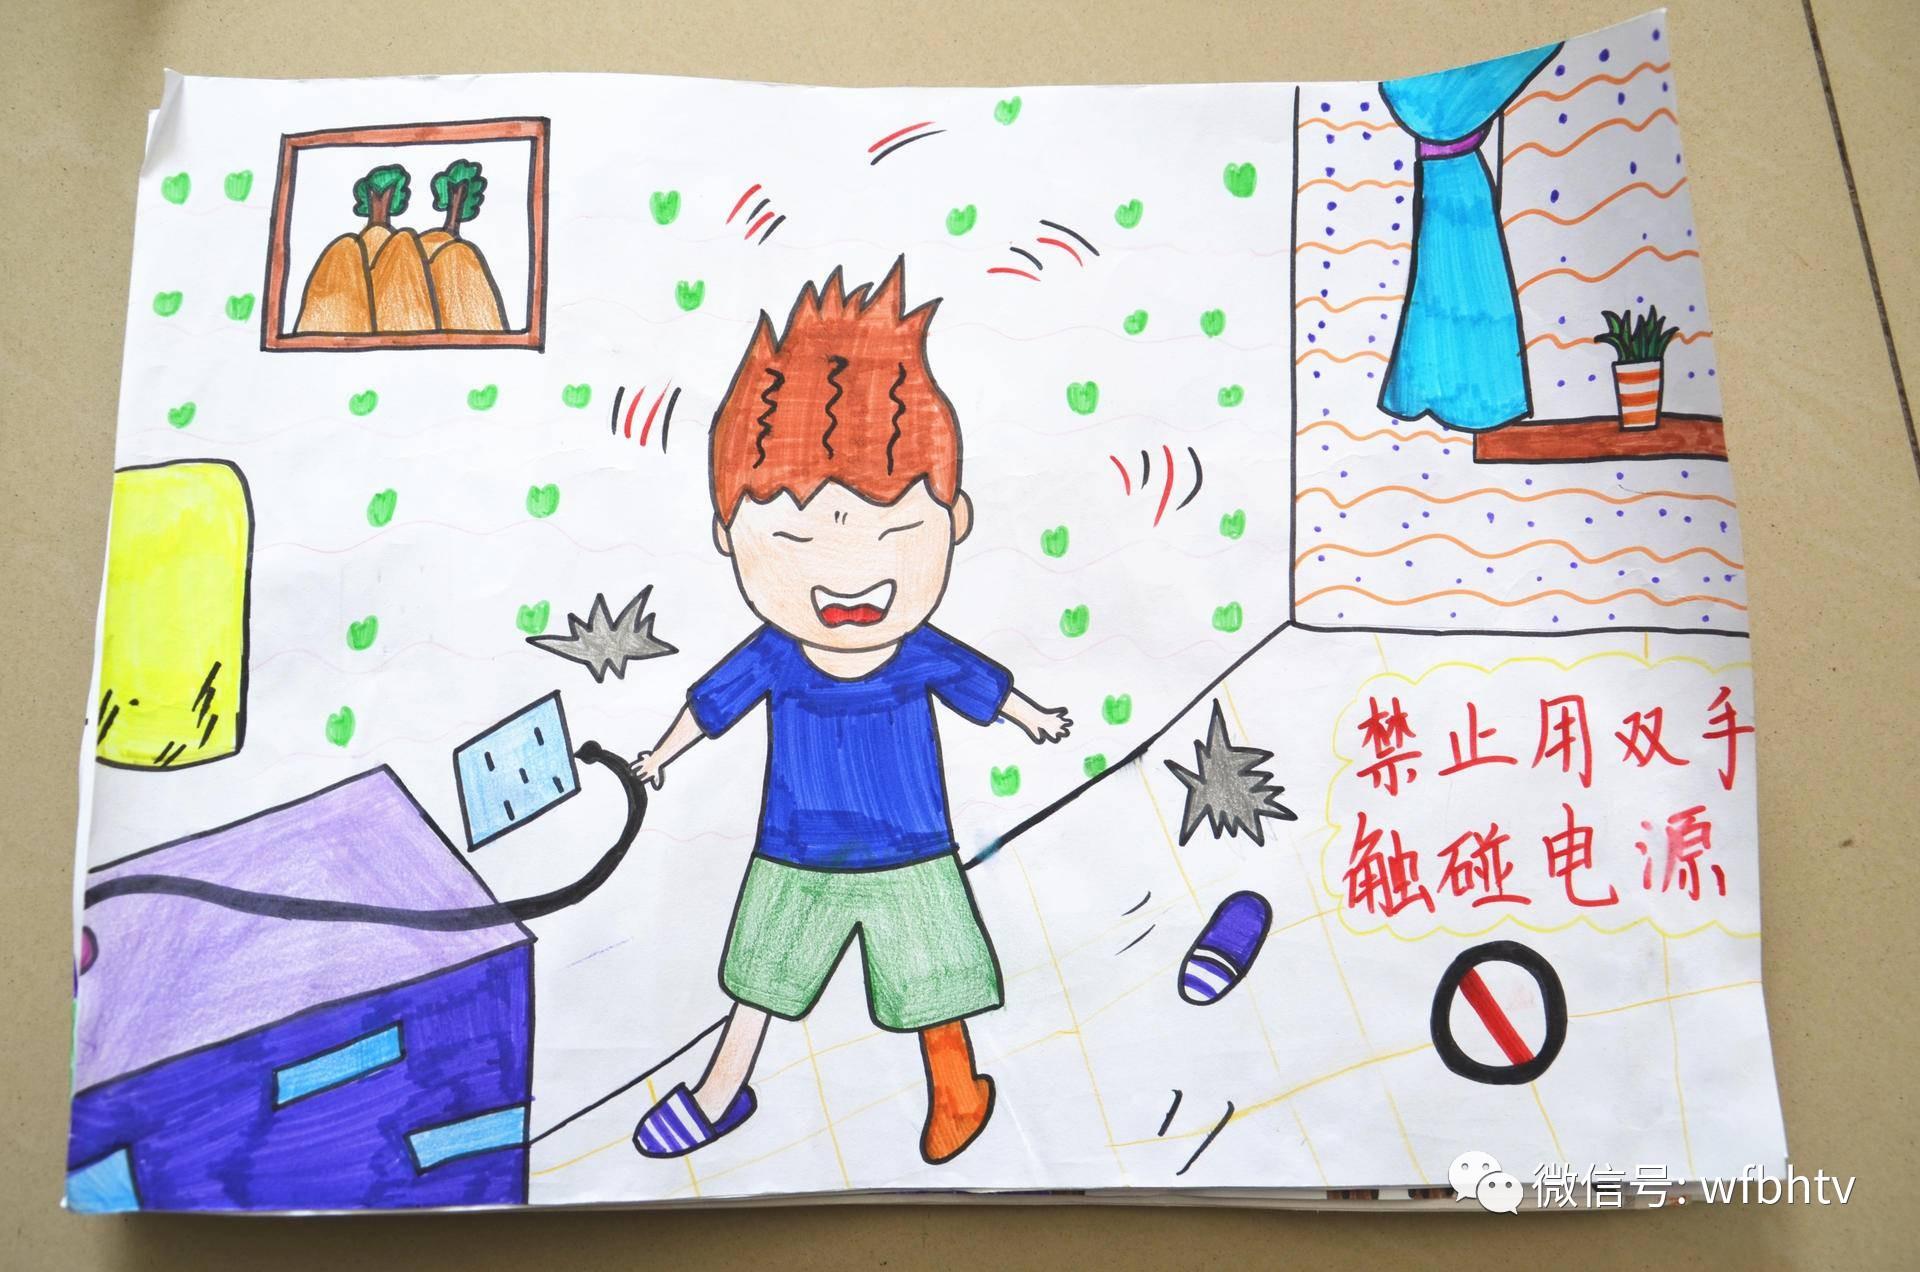 滨海实验小学小学生用20张图,告诉你如何安全用电图片